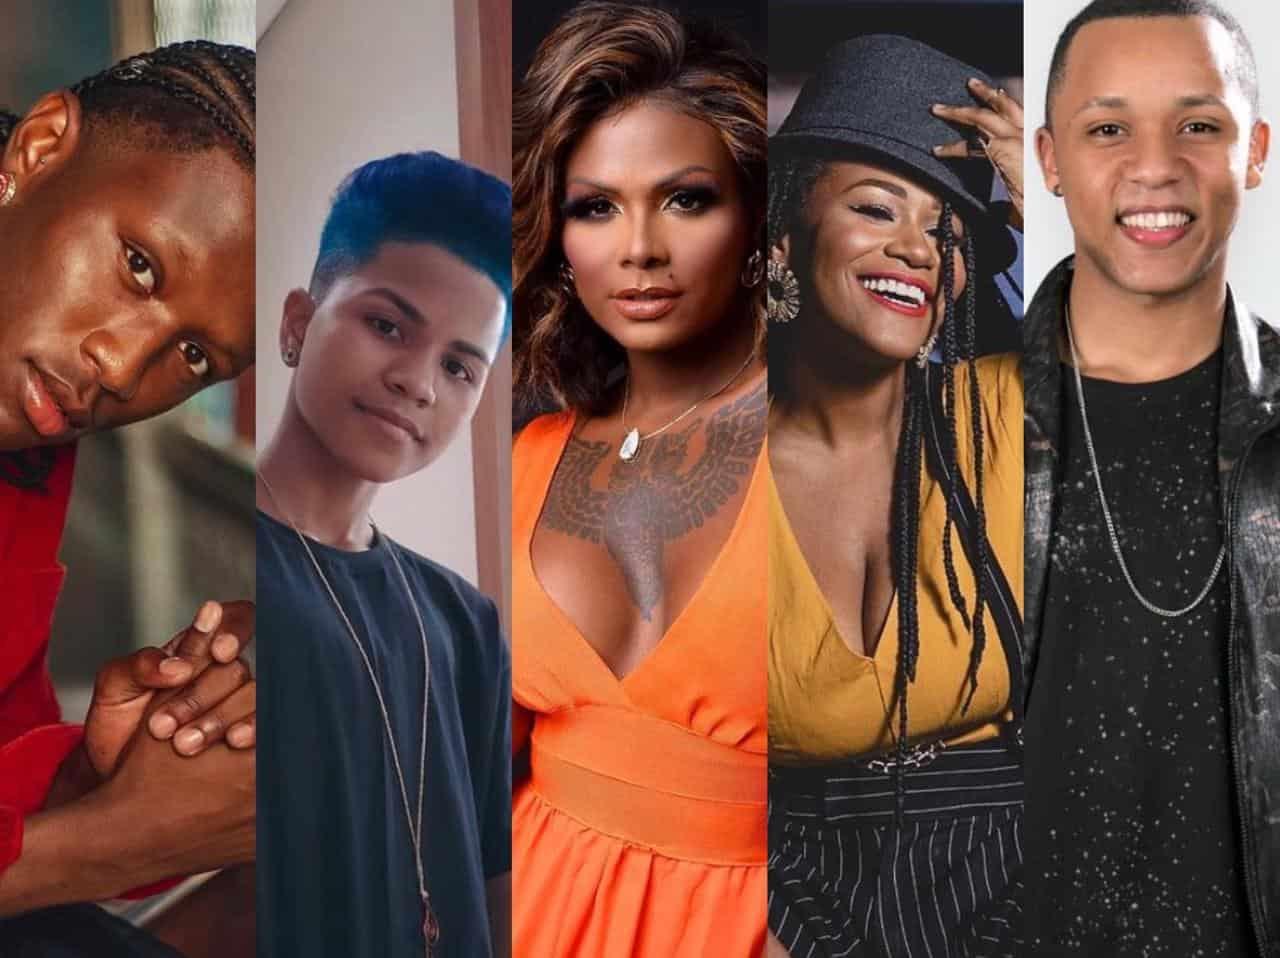 Conheça os semifinalistas negros do The Voice Brasil